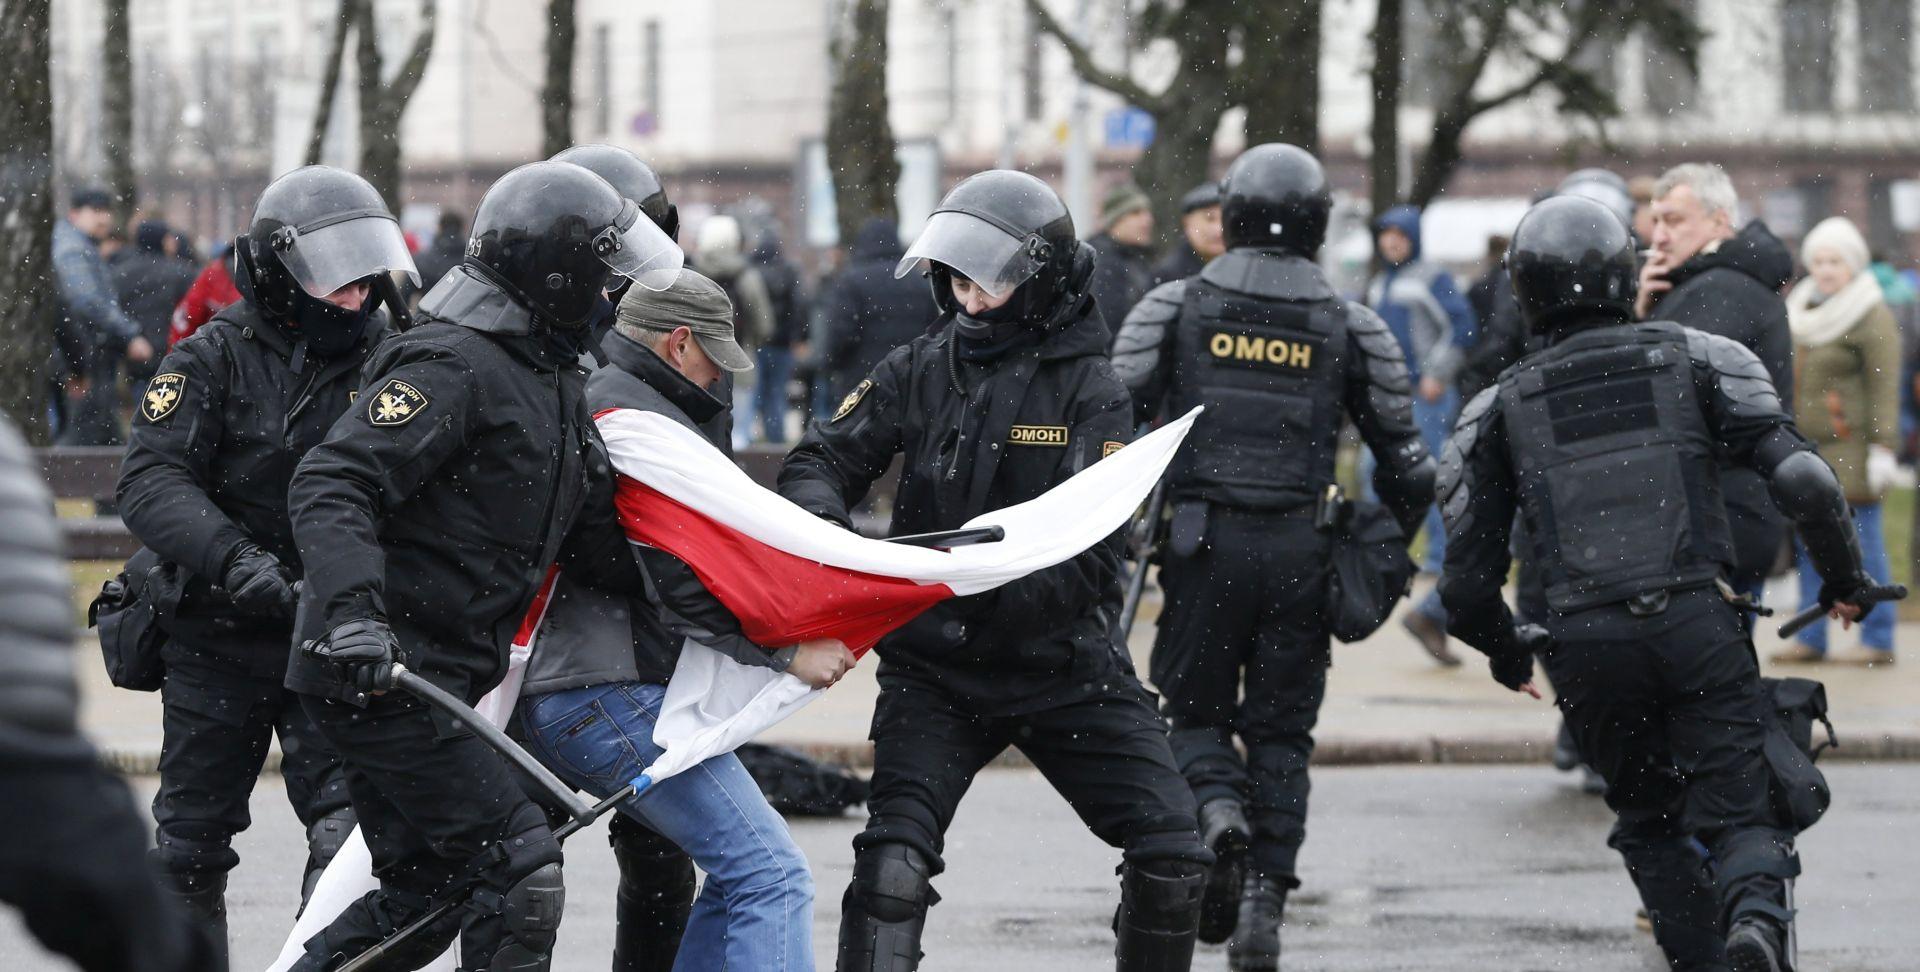 BJELORUSIJA Stotine prosvjednika osuđene na novčanu i zatvorsku kaznu